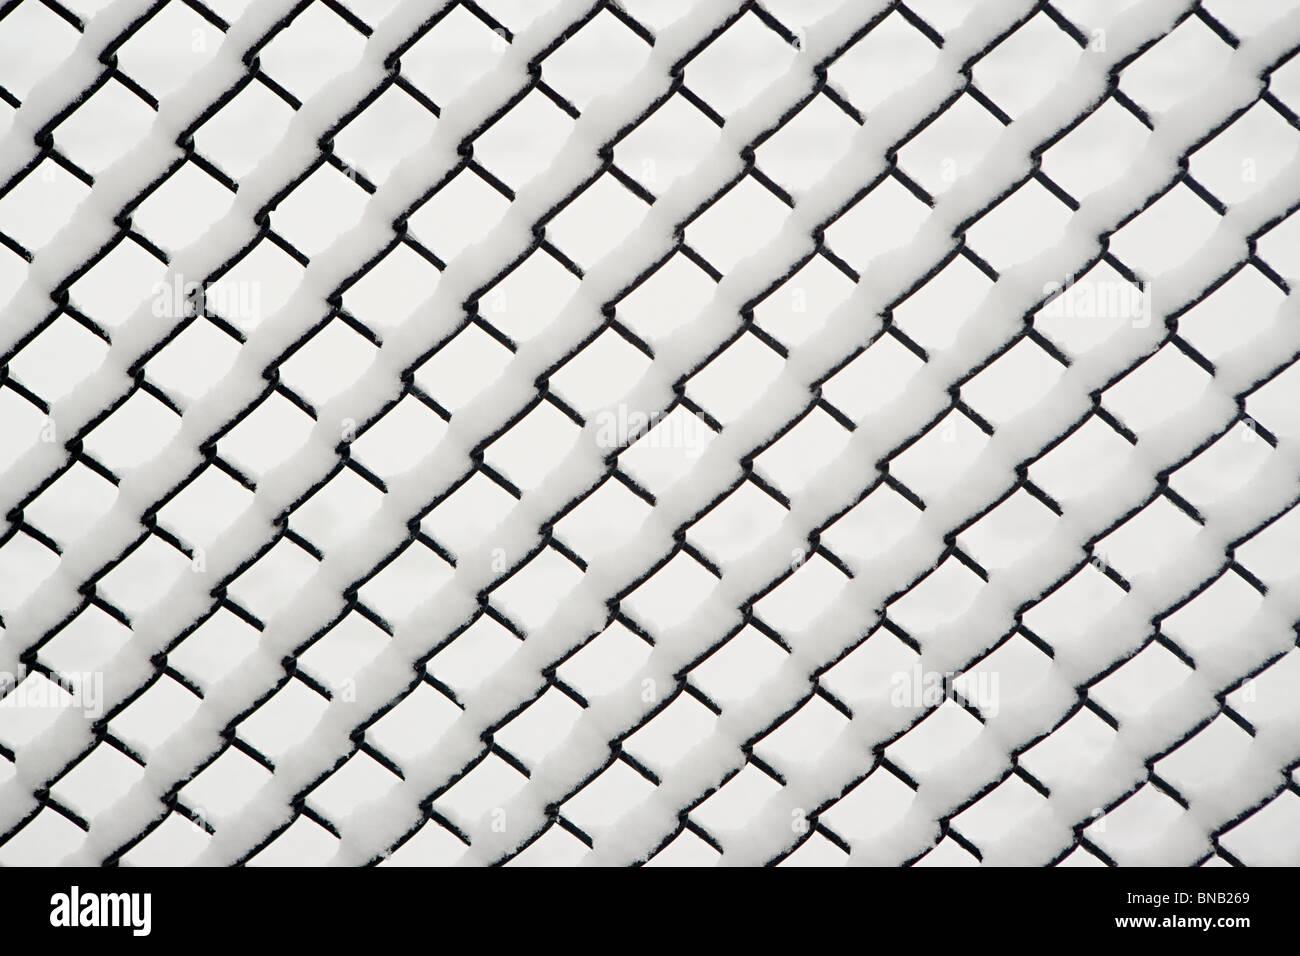 Neve em uma cadeia paralela de link Imagens de Stock